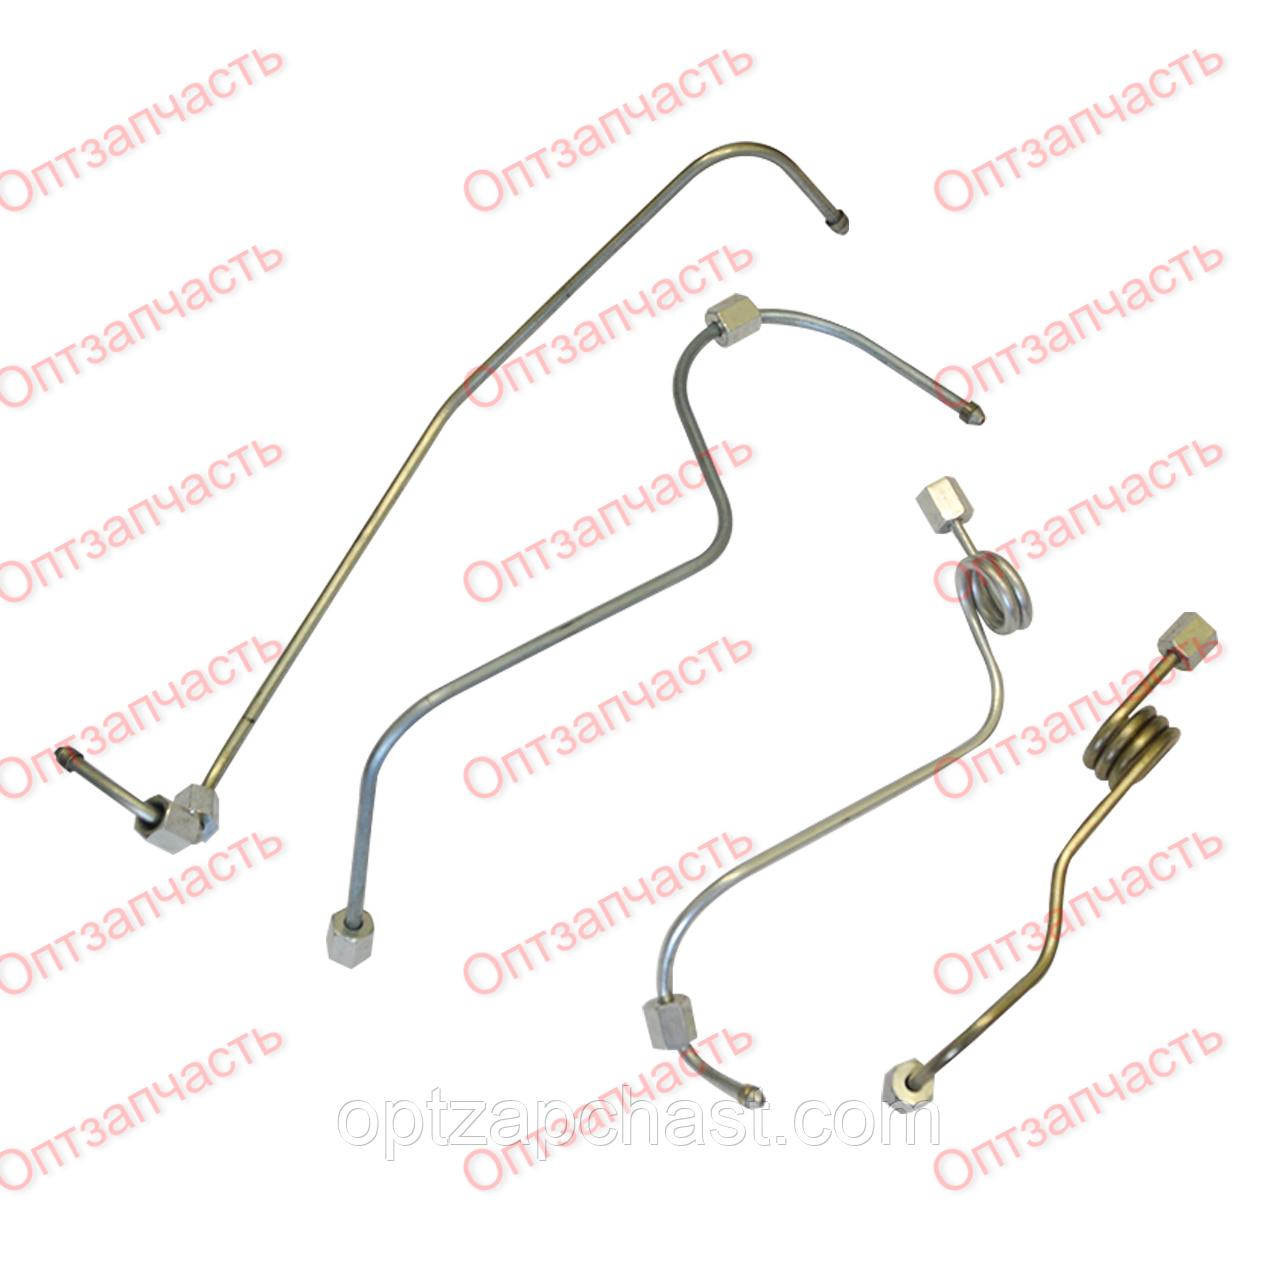 Комплект трубок высокого давления ЮМЗ гнутые (комплект 4 шт) (Д65-16С18-21)